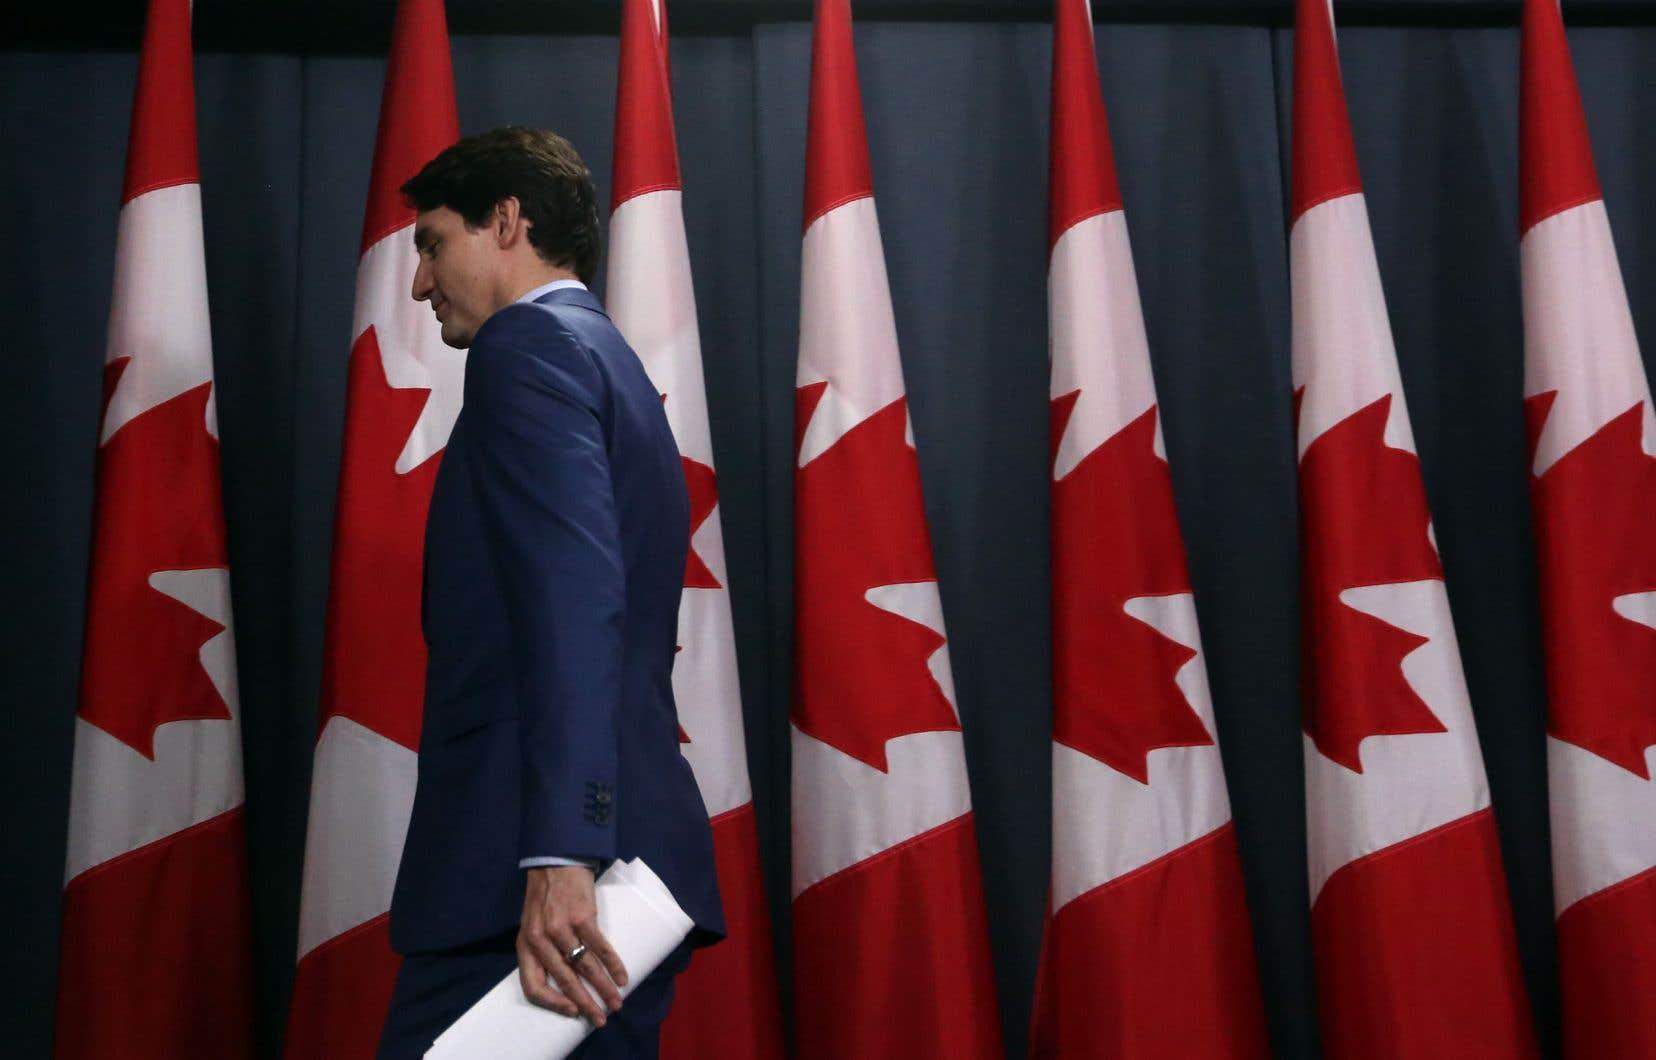 Le premier ministre Justin Trudeau quittant une conférence de presse qu'il a donnée jeudi à Ottawa pour répliquer à toute l'affaire entourant SNC-Lavalin qui secoue son gouvernement.